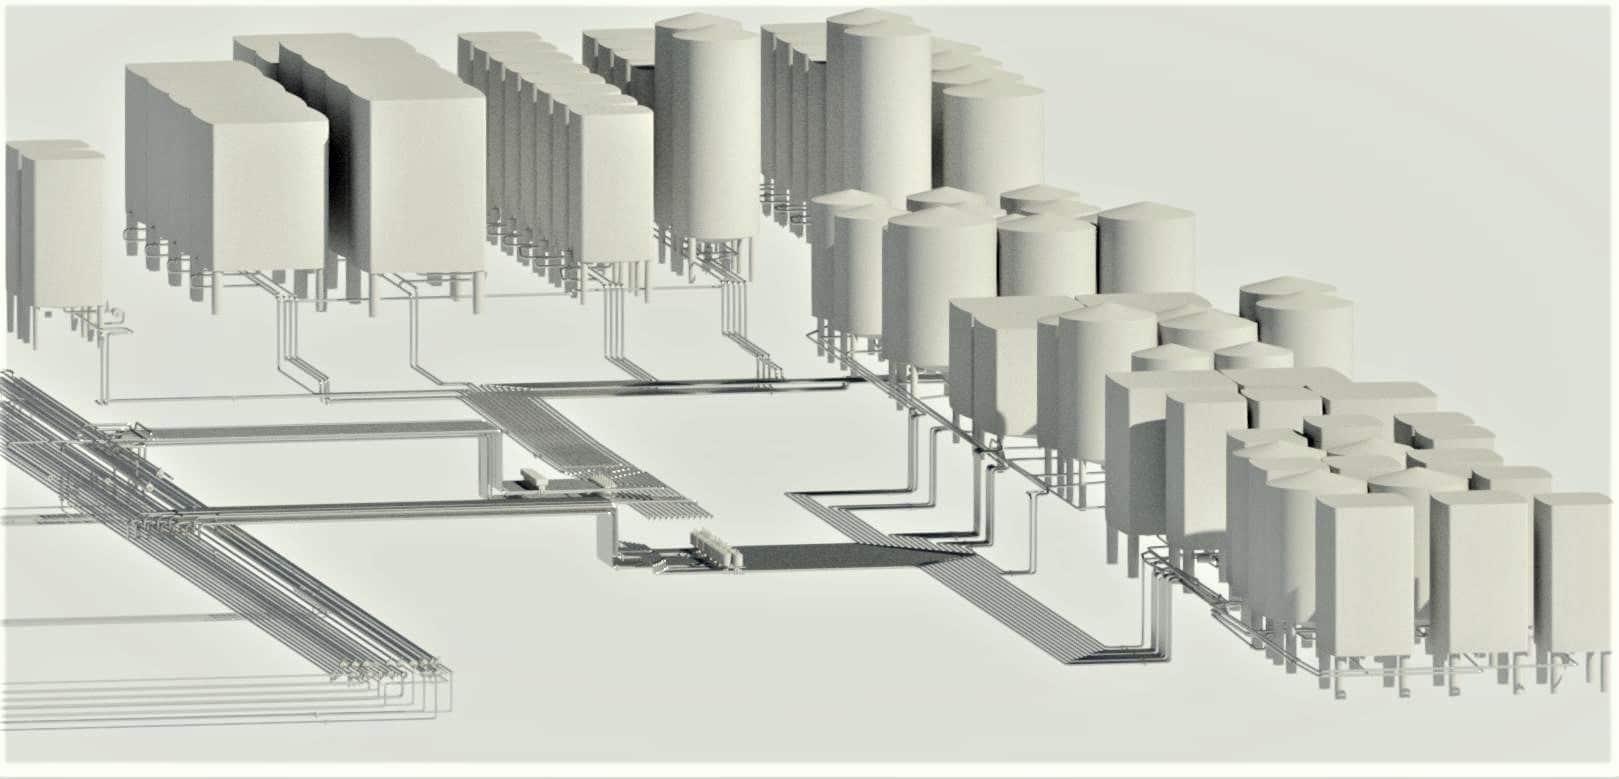 Ligne de distribution de produits finis<br>Relevés et modélisation 3D dans Revit